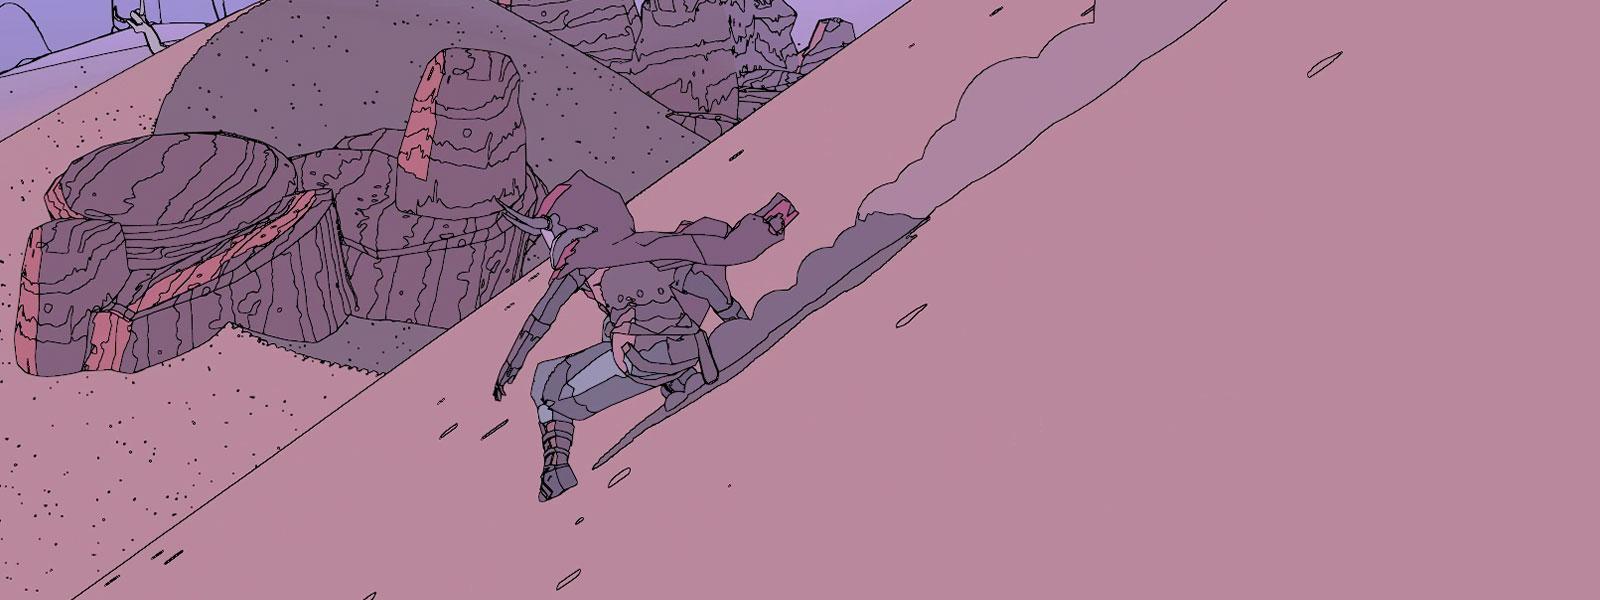 Sable zsuwająca się w dół zbocza wzgórza, w tle skały i wieża